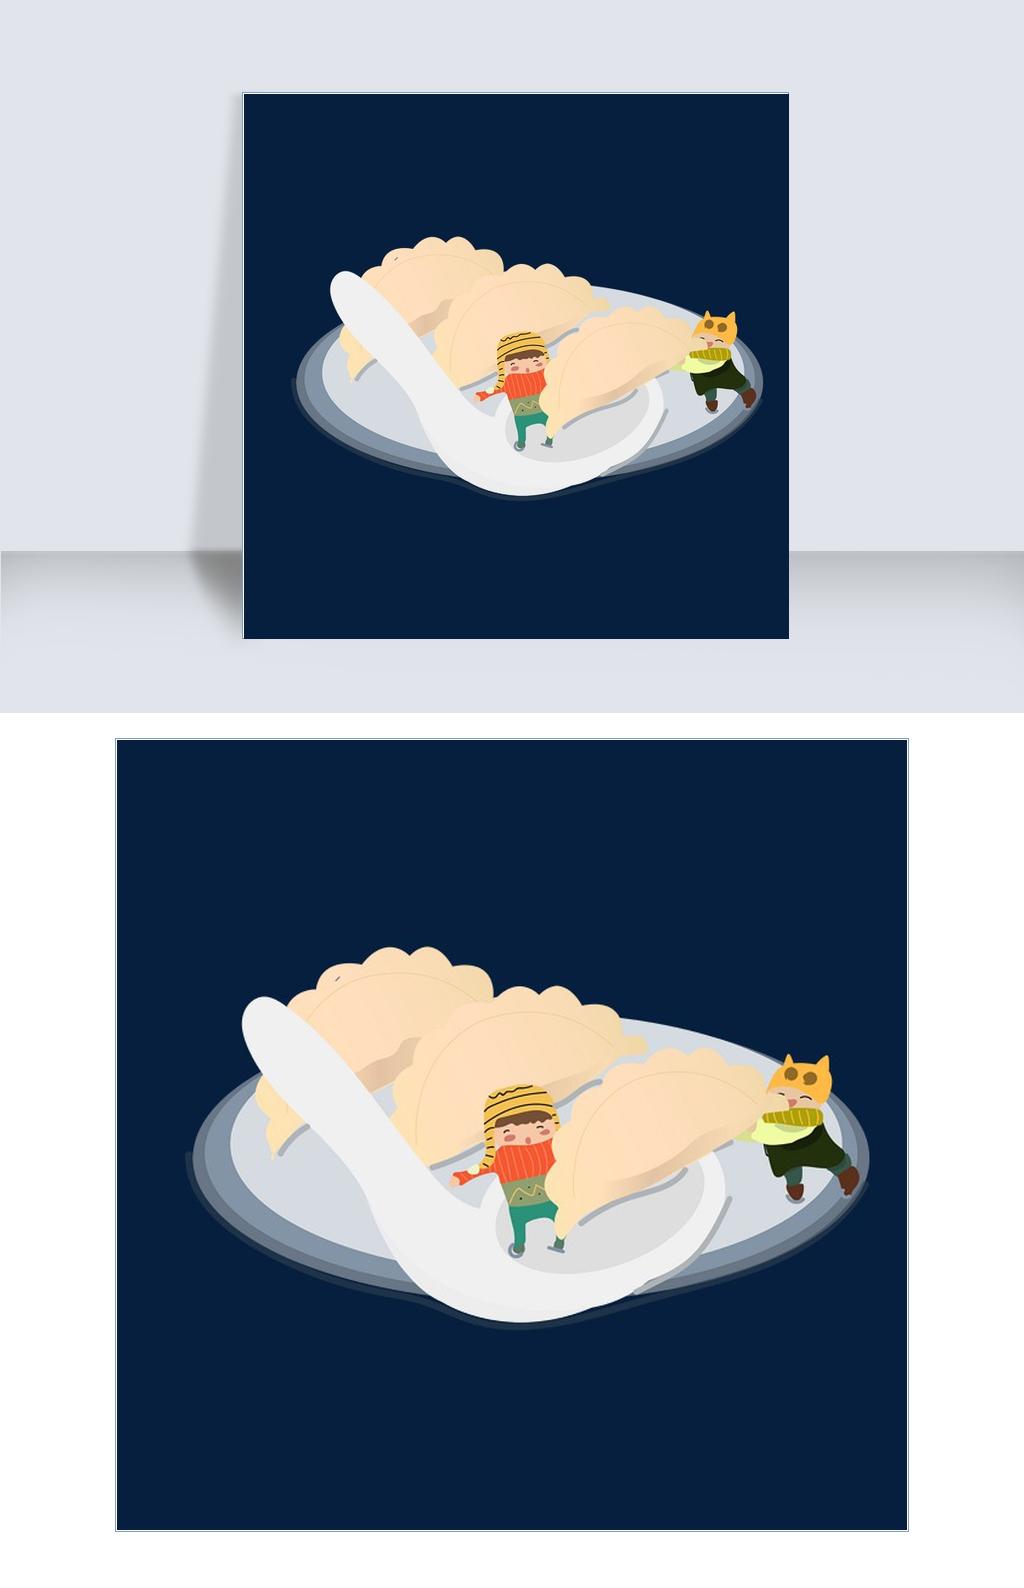 吃饺子配什么炒菜图片